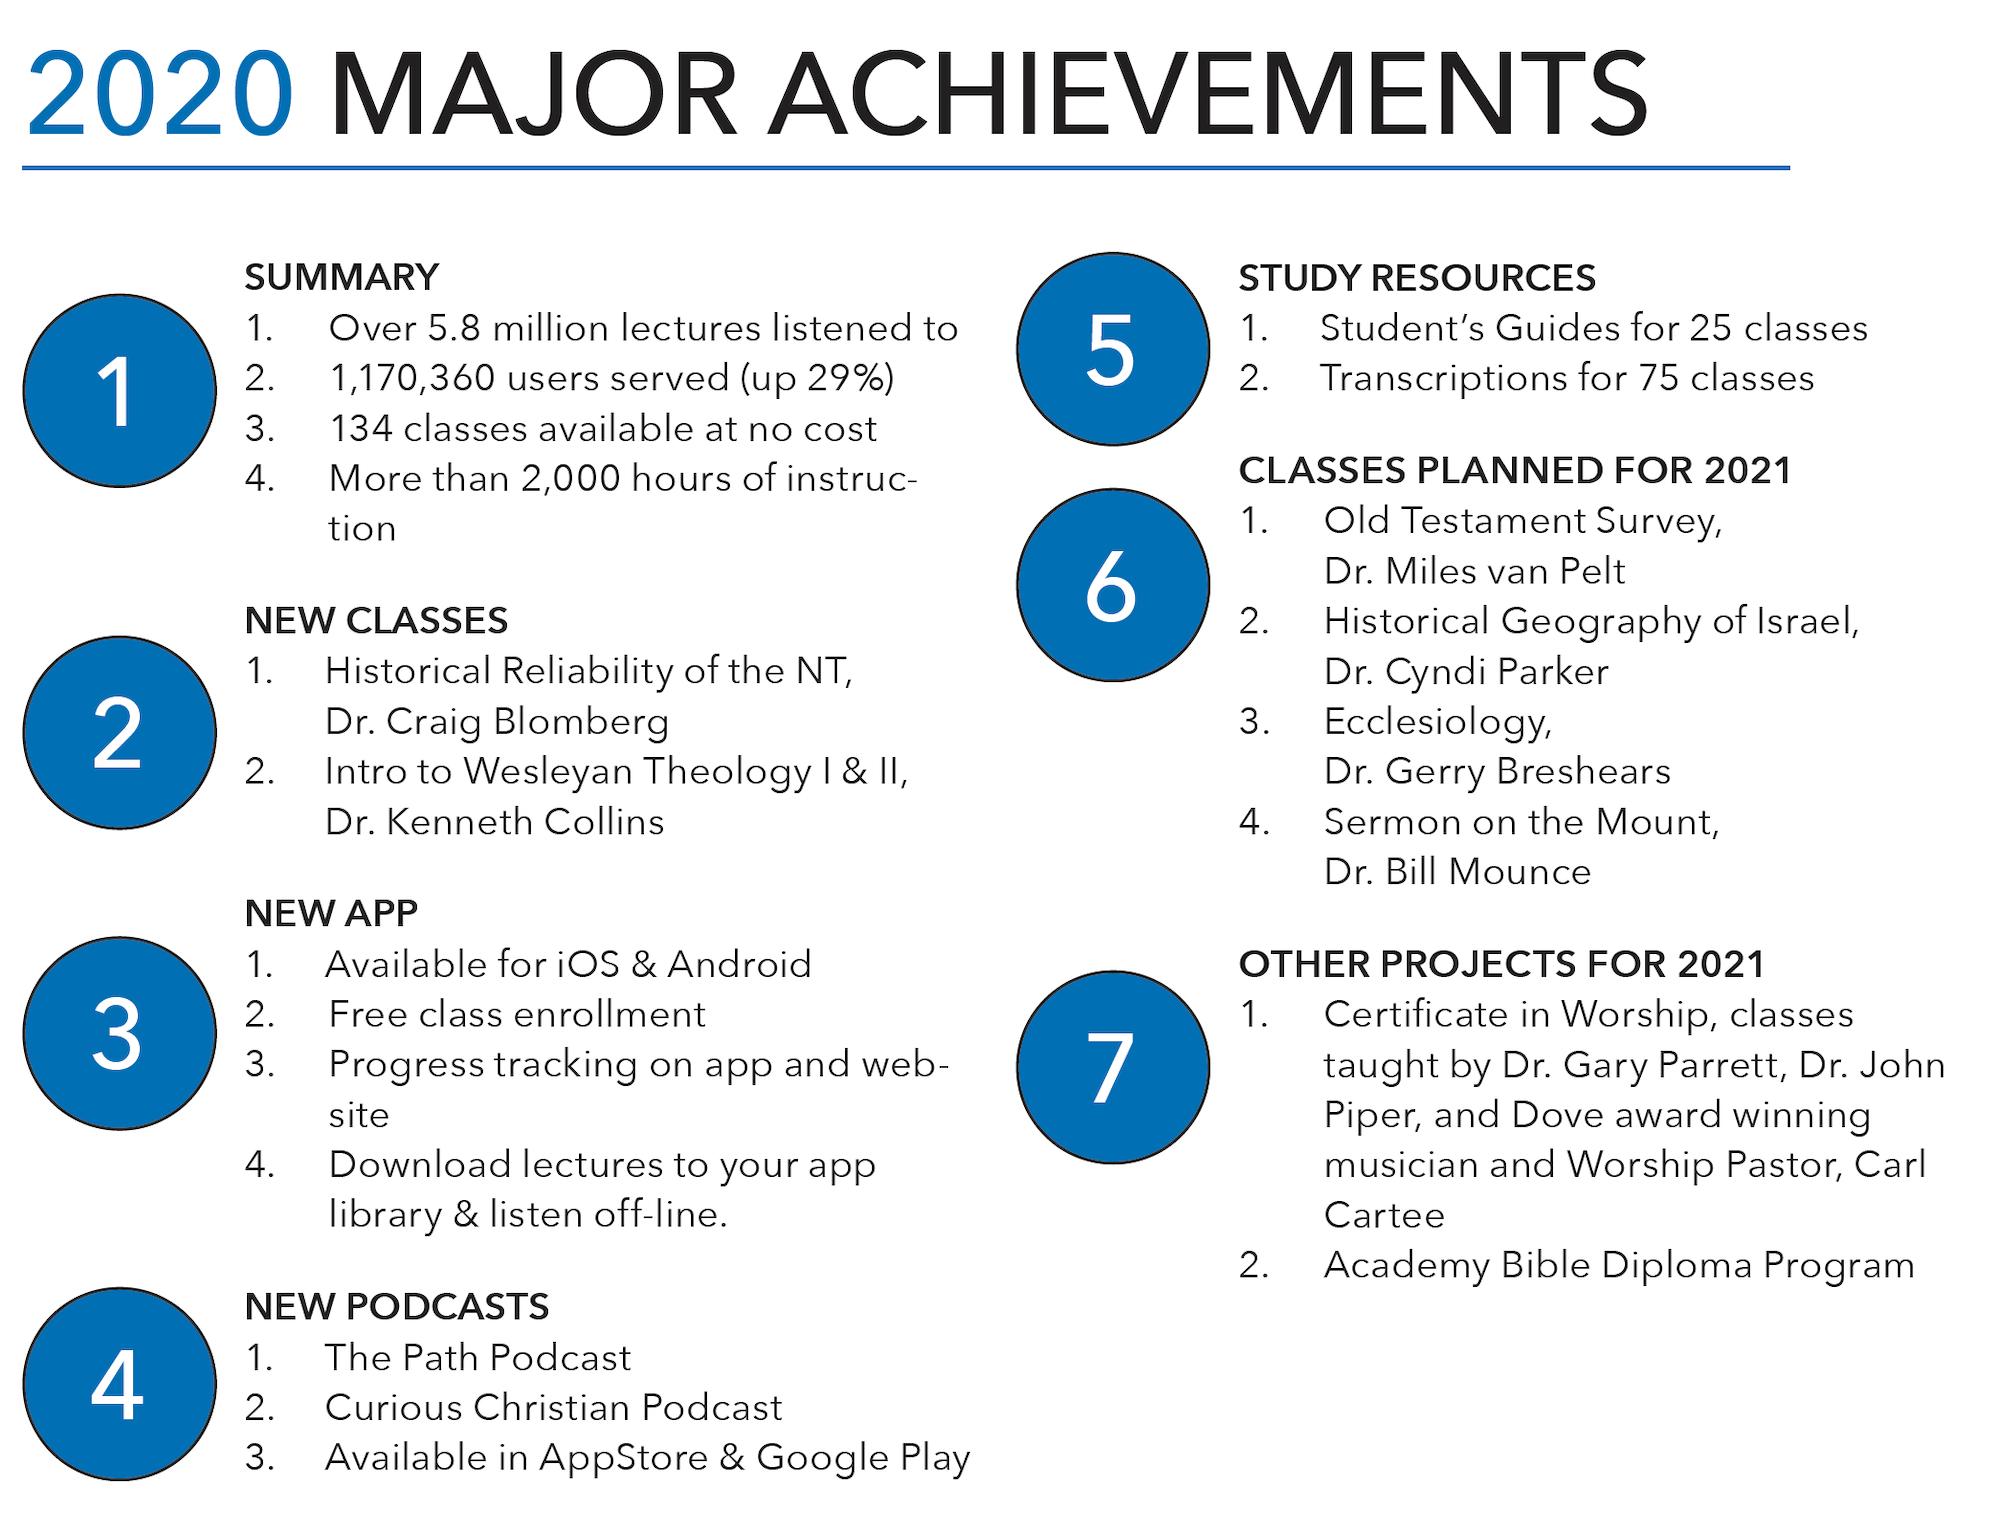 2020 Major Achievements